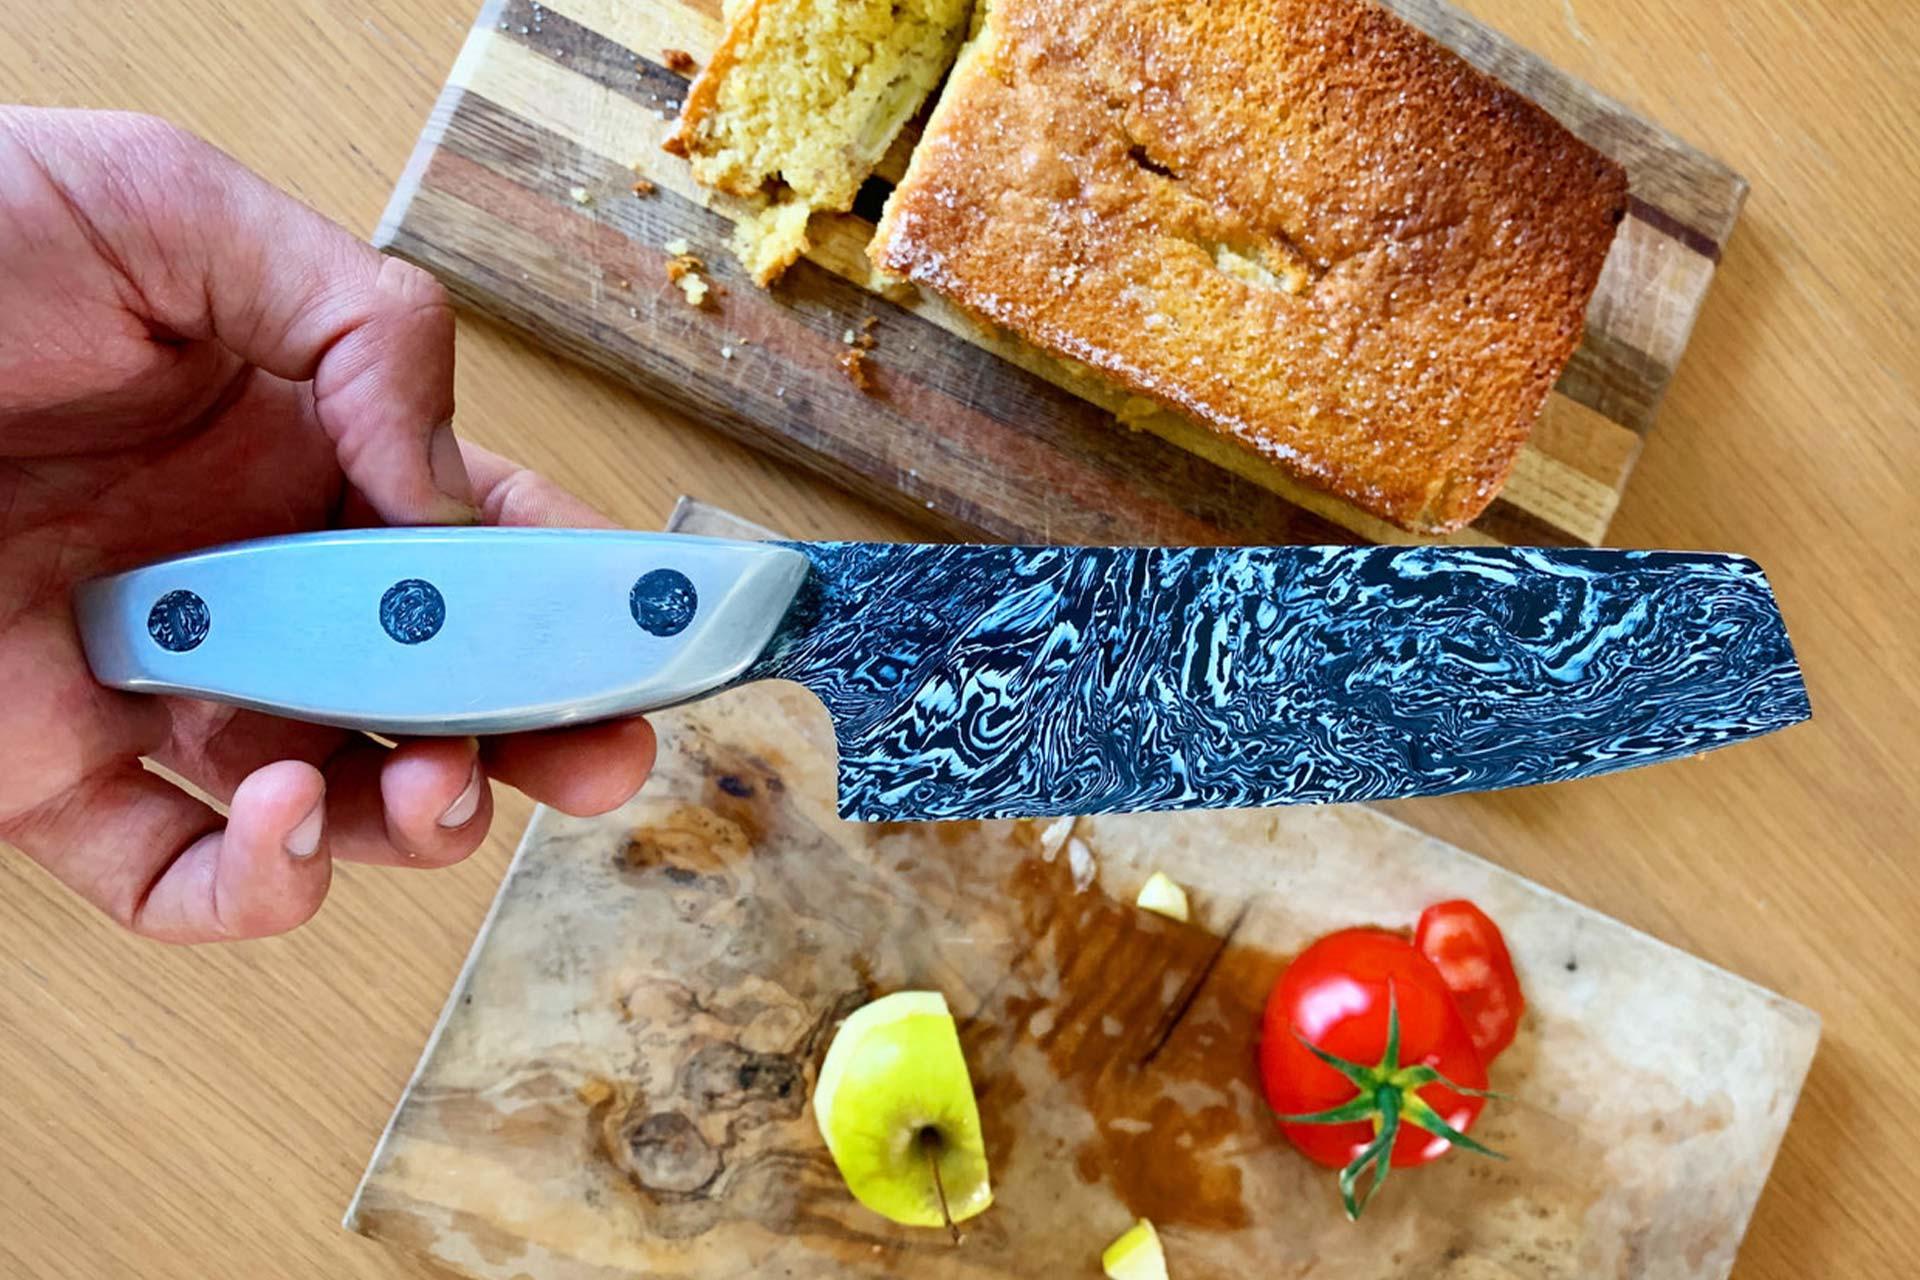 LDPE plastic knife